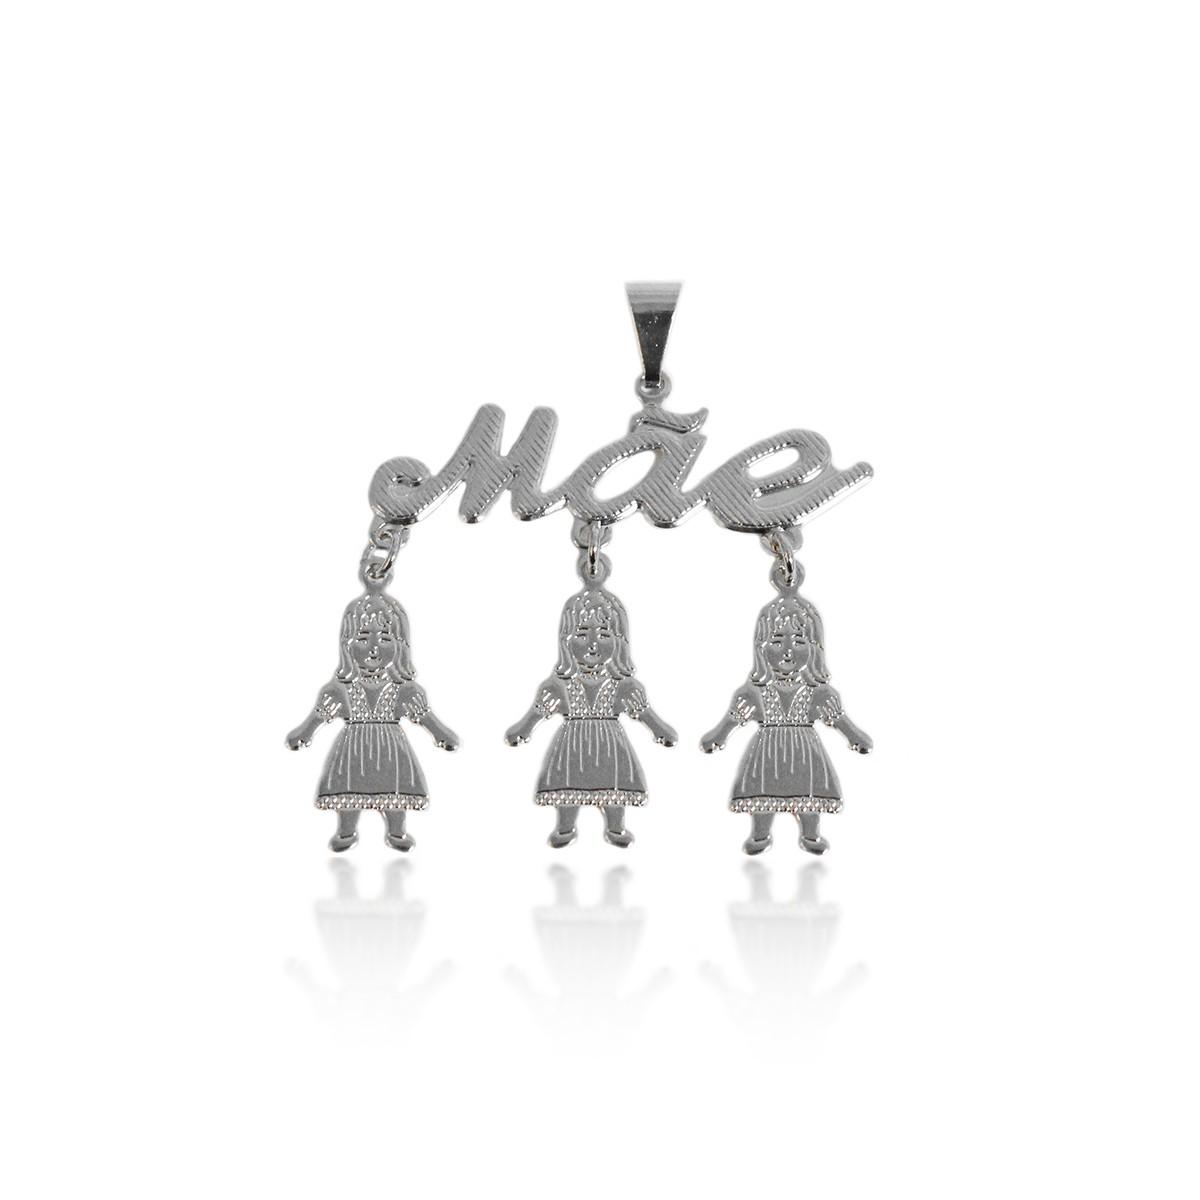 Pingente Escrito Mãe com 3 Meninas Folheado a Prata 1000